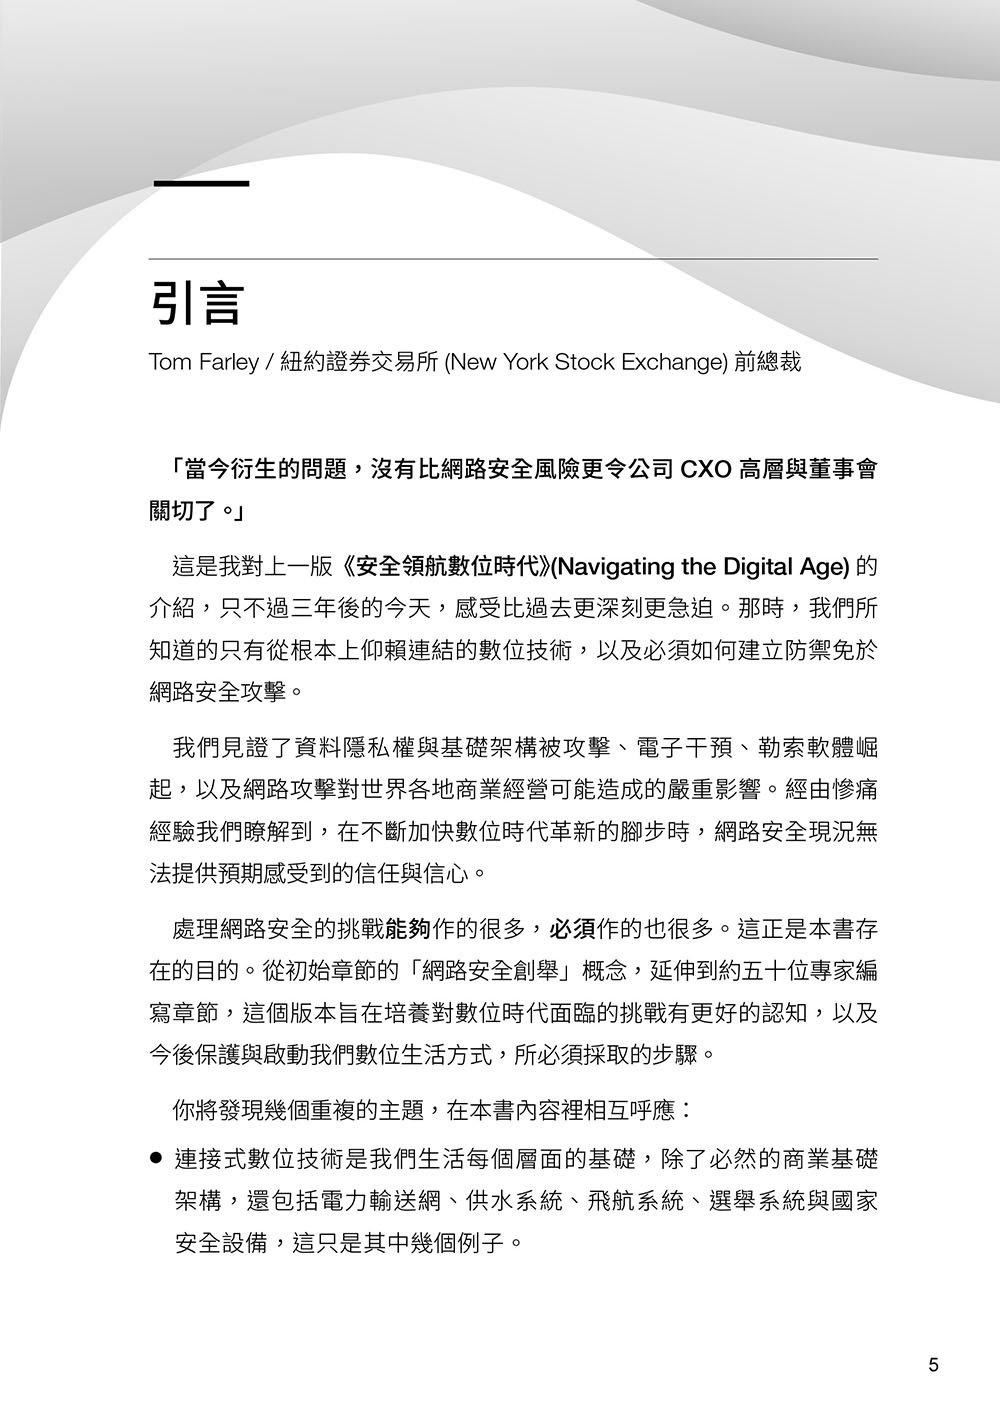 安全領航數位時代 -- 企業主管資訊安全指南-preview-9